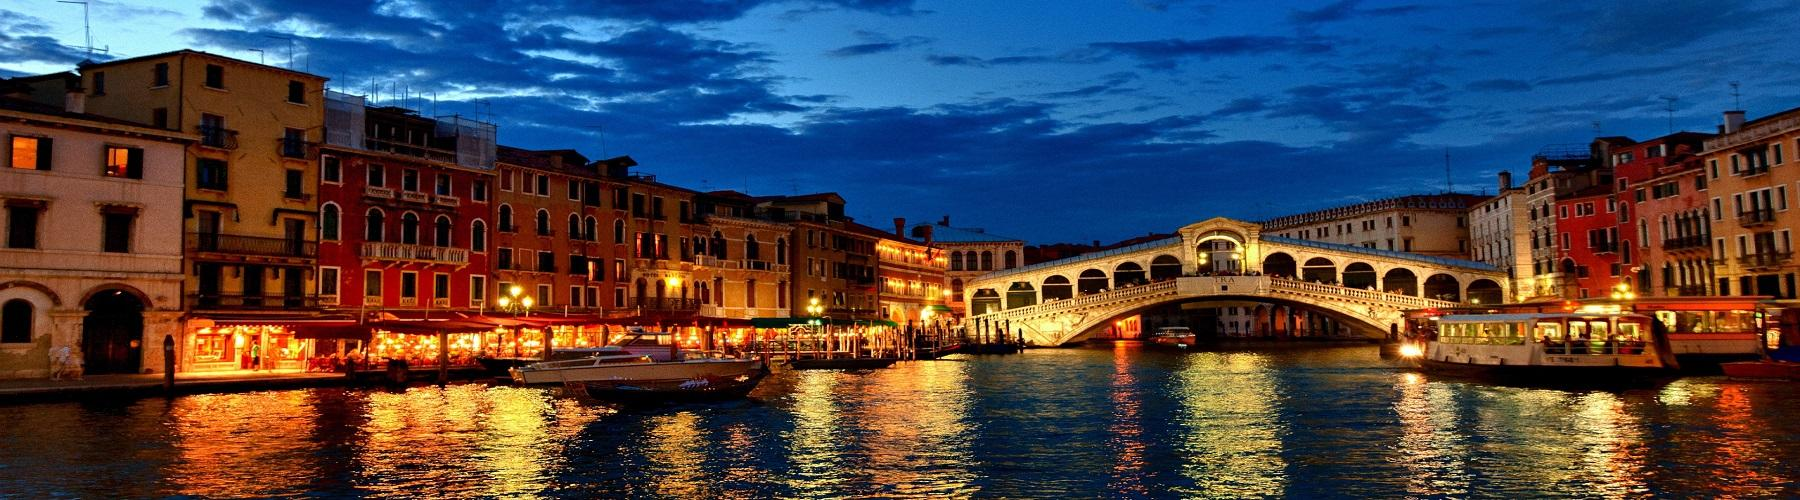 Самостоятельное путешествие в Италию